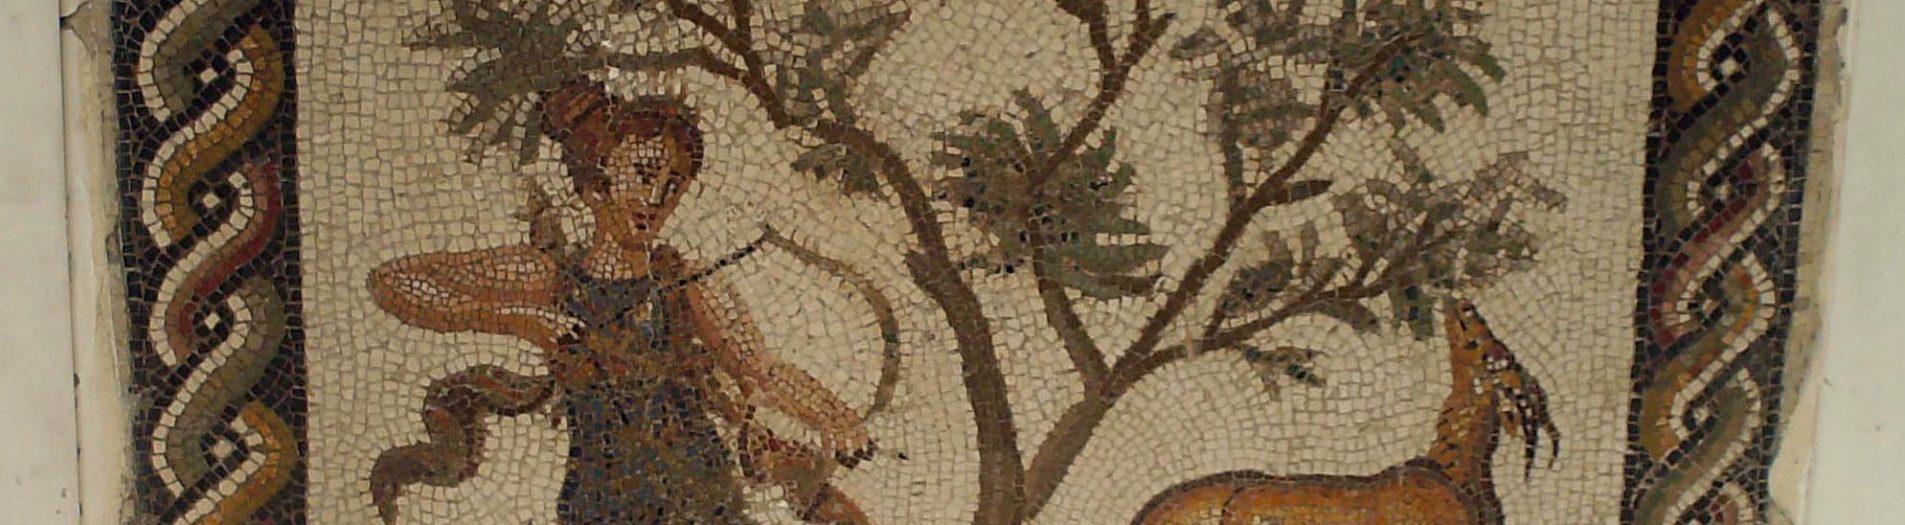 Les mosaïques de Diane la chasseresse en Tunisie